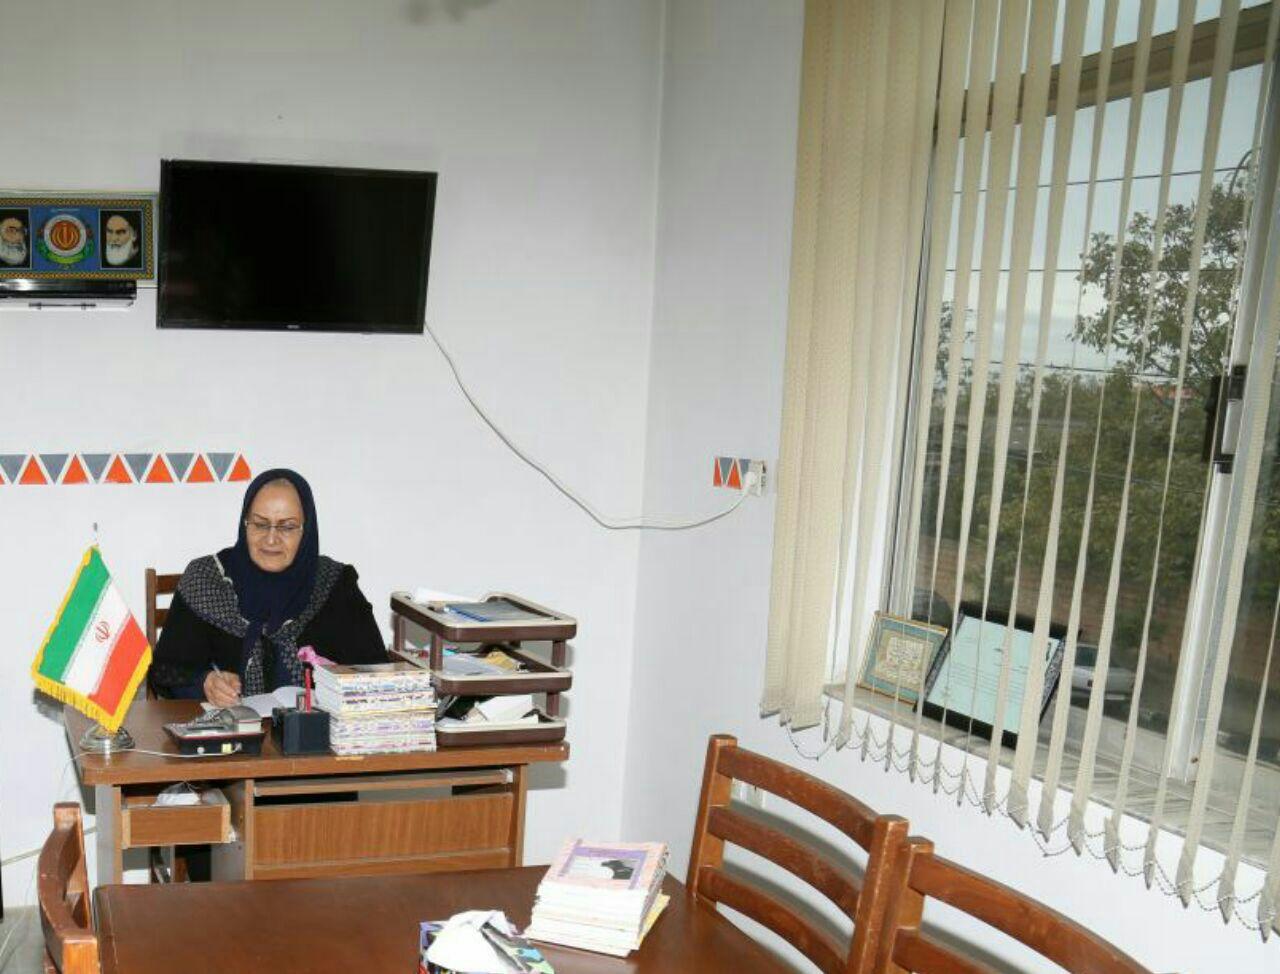 افتتاح شعبه رامسر انجمن سرطان سرکار خانم فرحمند